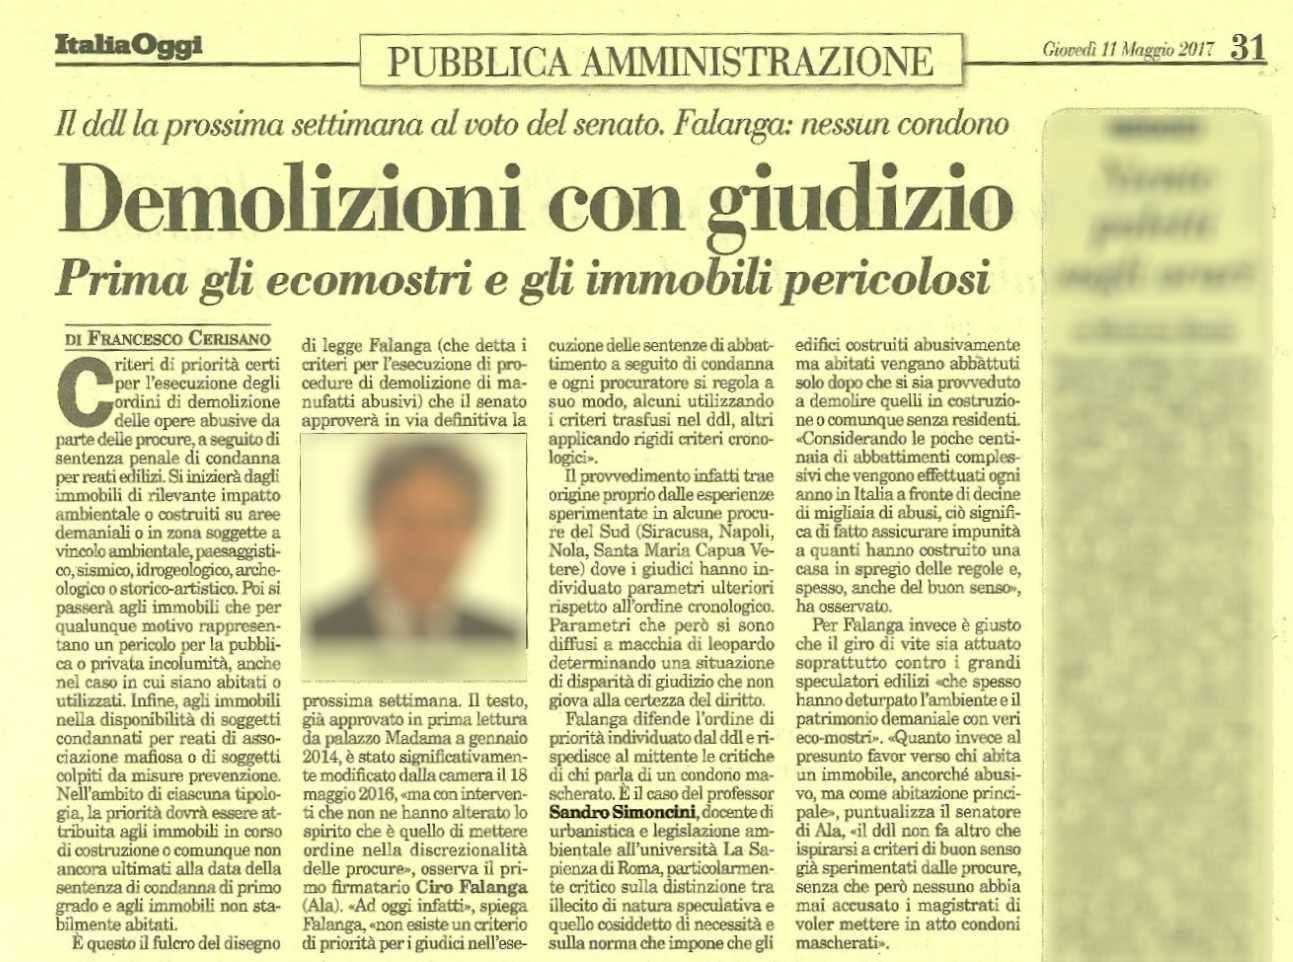 ITALIAOGGI 11MAGGIO 2017